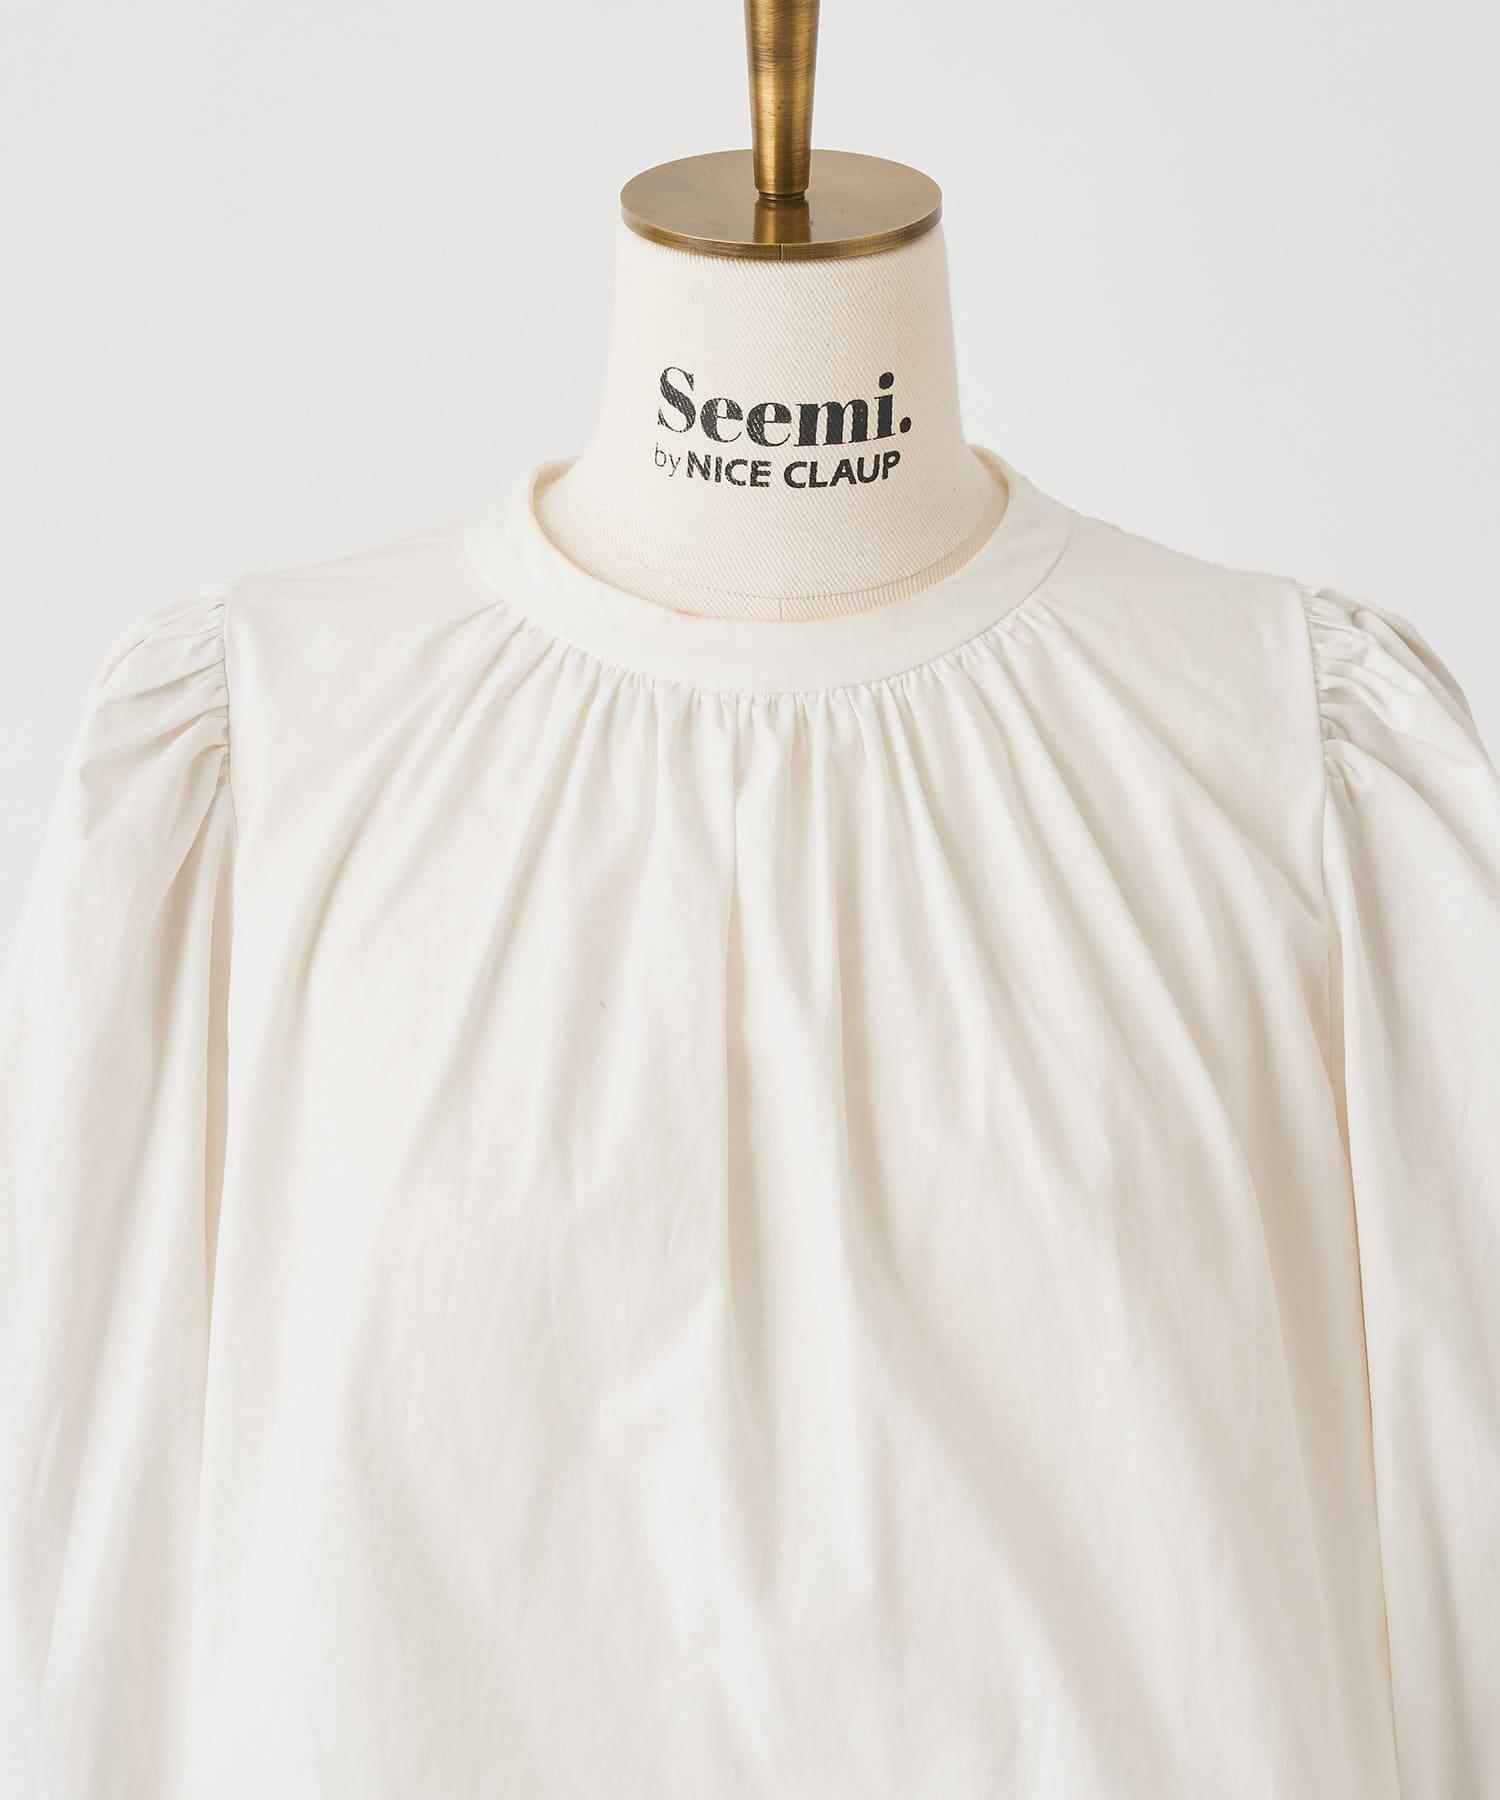 Seemi.by NICE CLAUP(シーミーバイナイスクラップ) ブラウスセットワンピース